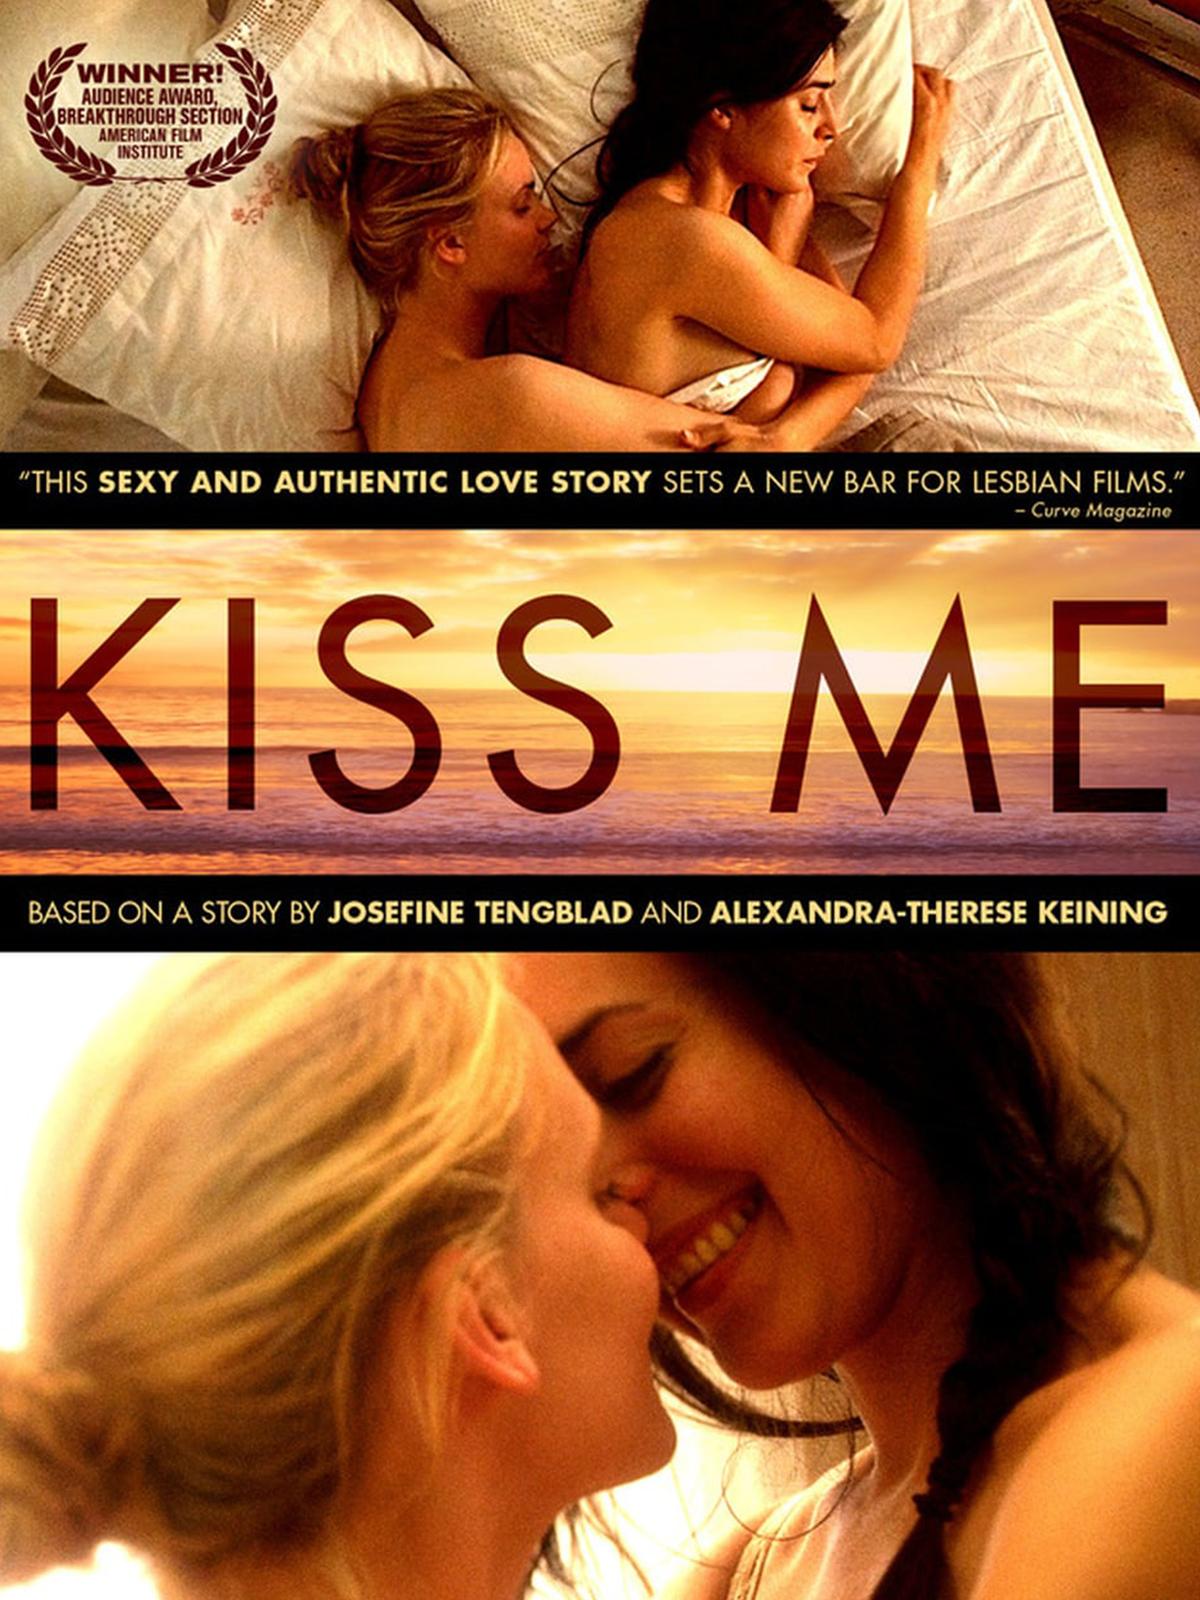 Here-BB_KissMe-Full-Image-en-US.jpg